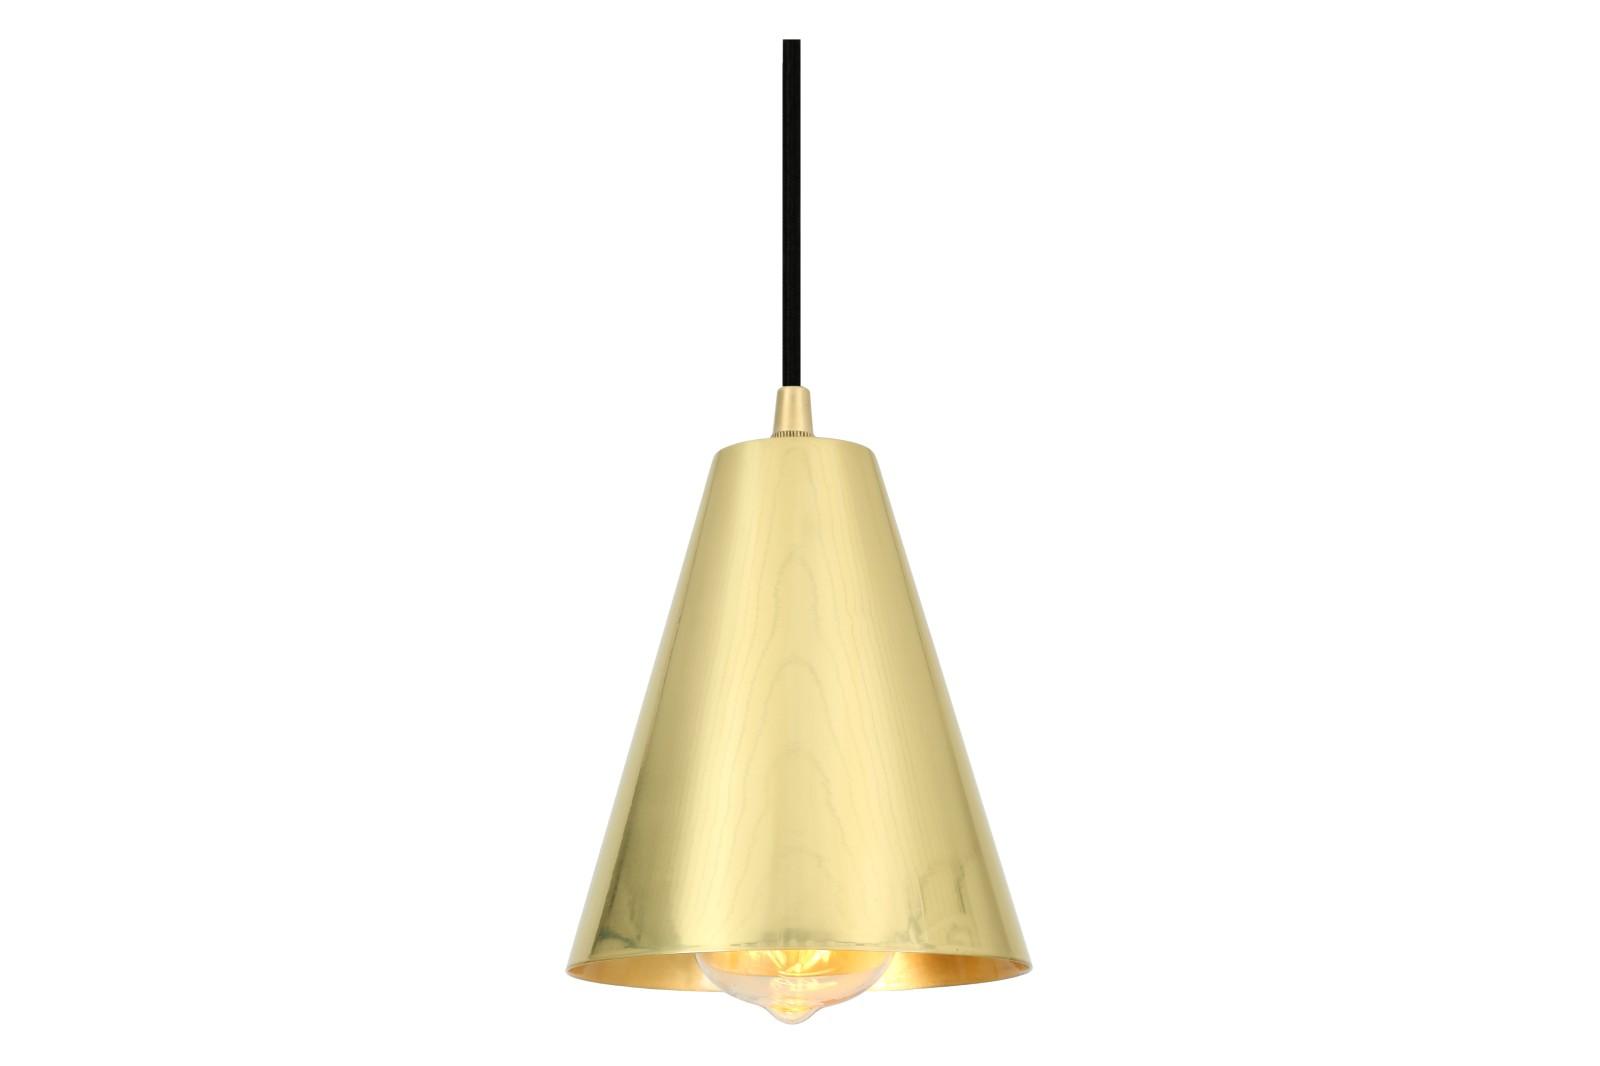 Moya Pendant Light Polished Brass